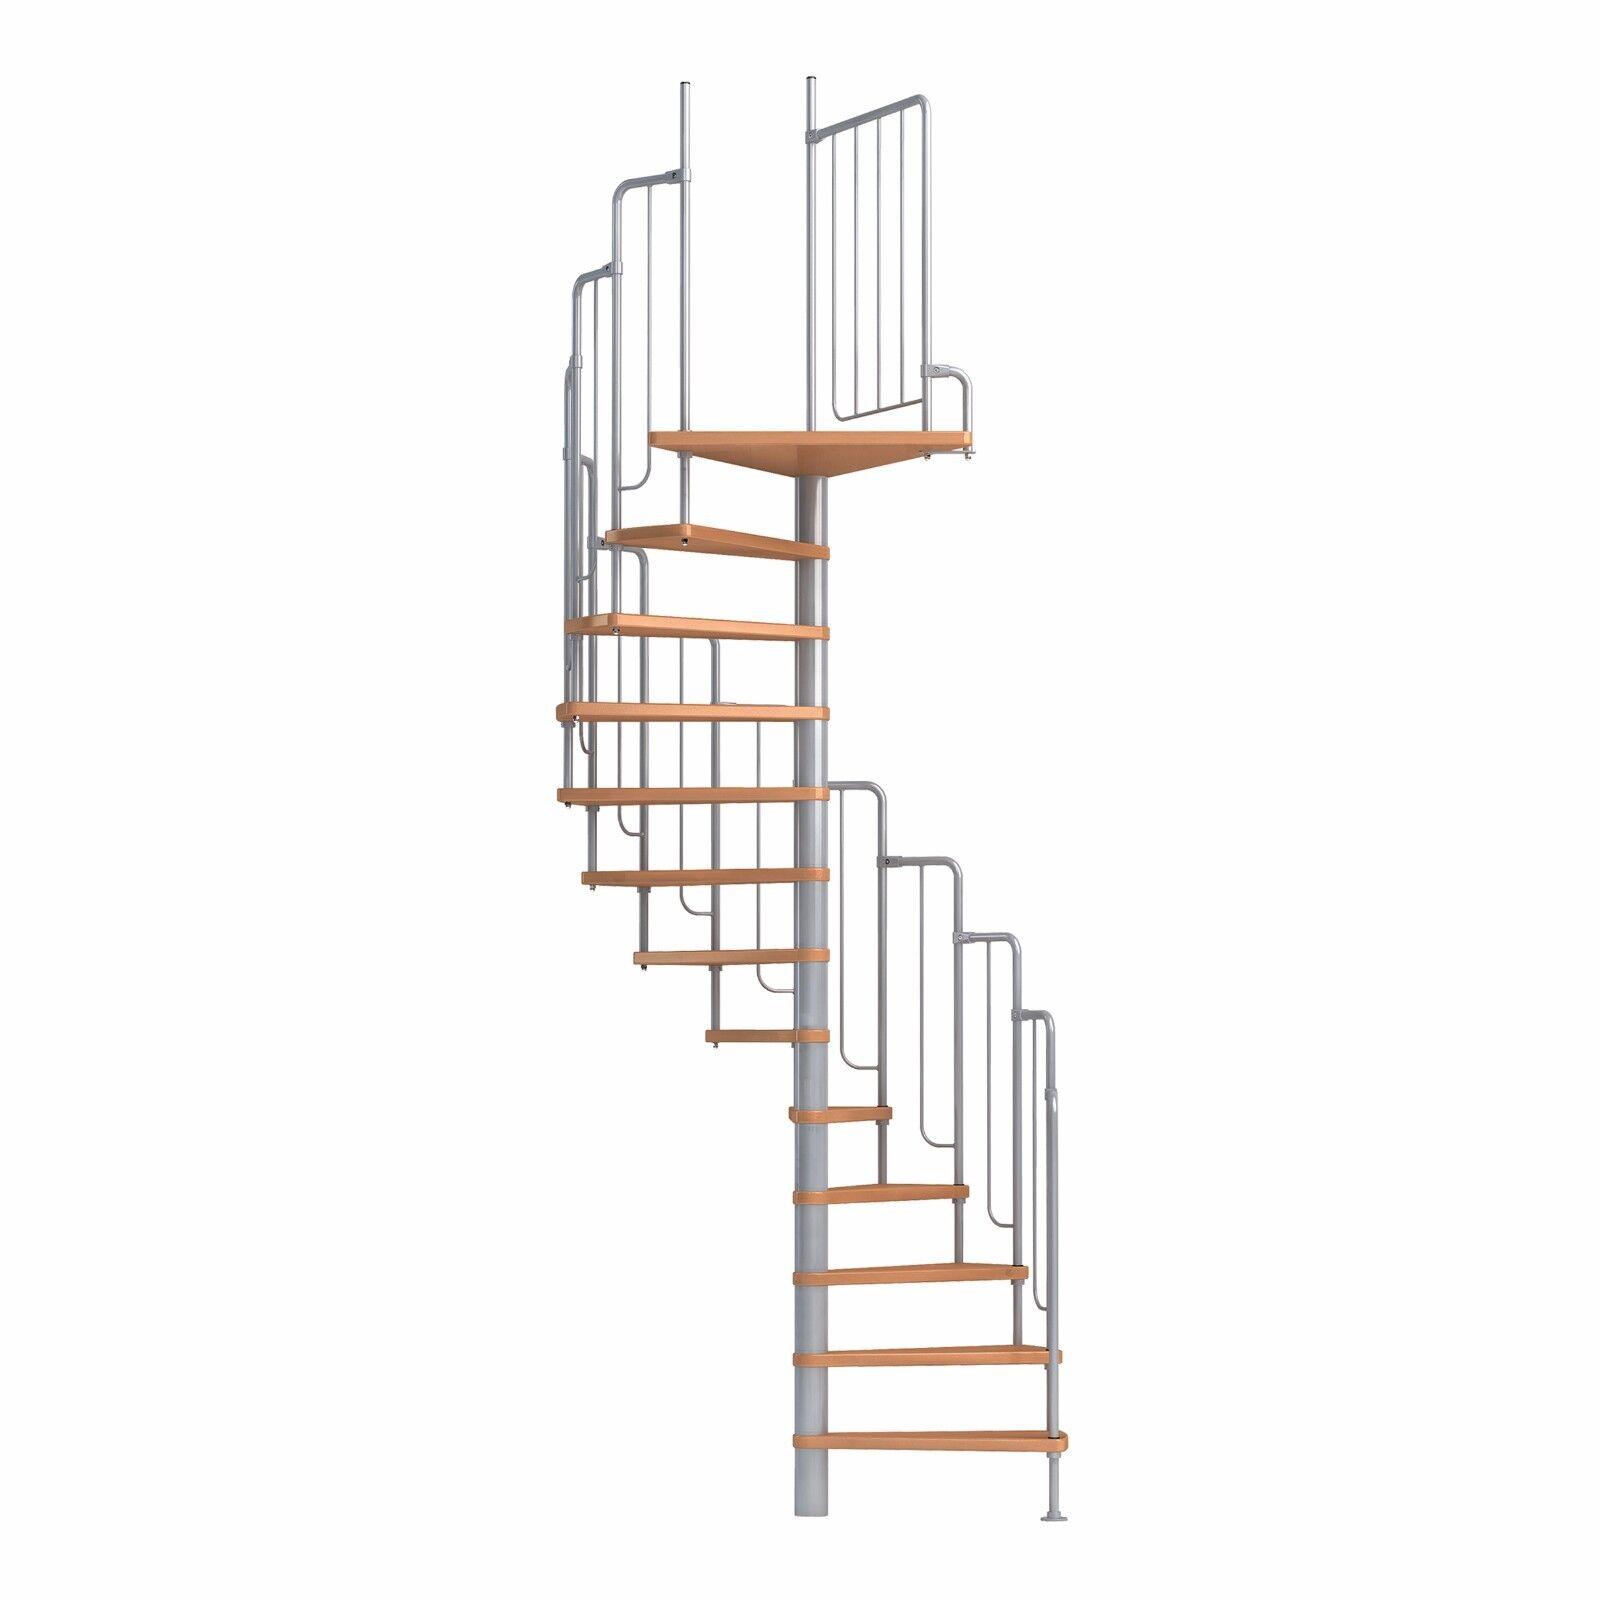 Spindeltreppe Wendeltreppe DOLLE Barcelona, 229-291 cm, Buche/Metall (weiß/grau)